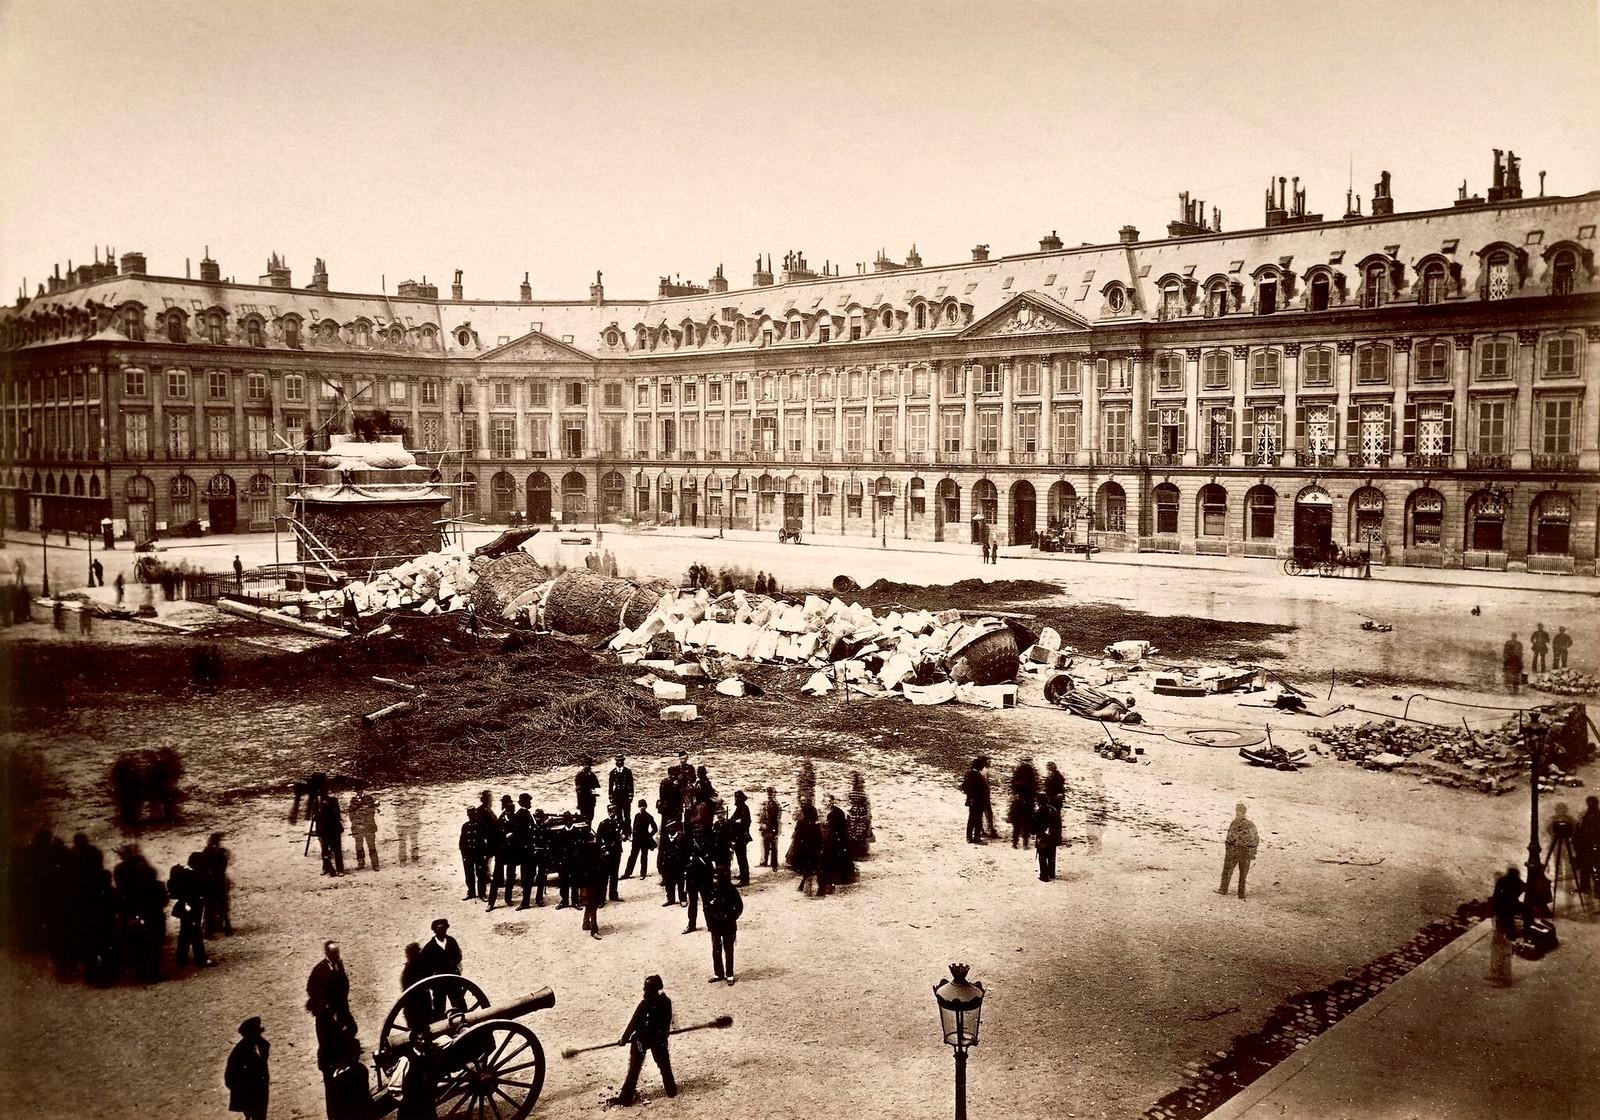 1871. Разрушение колонны на Вандомской площади, 18 мая